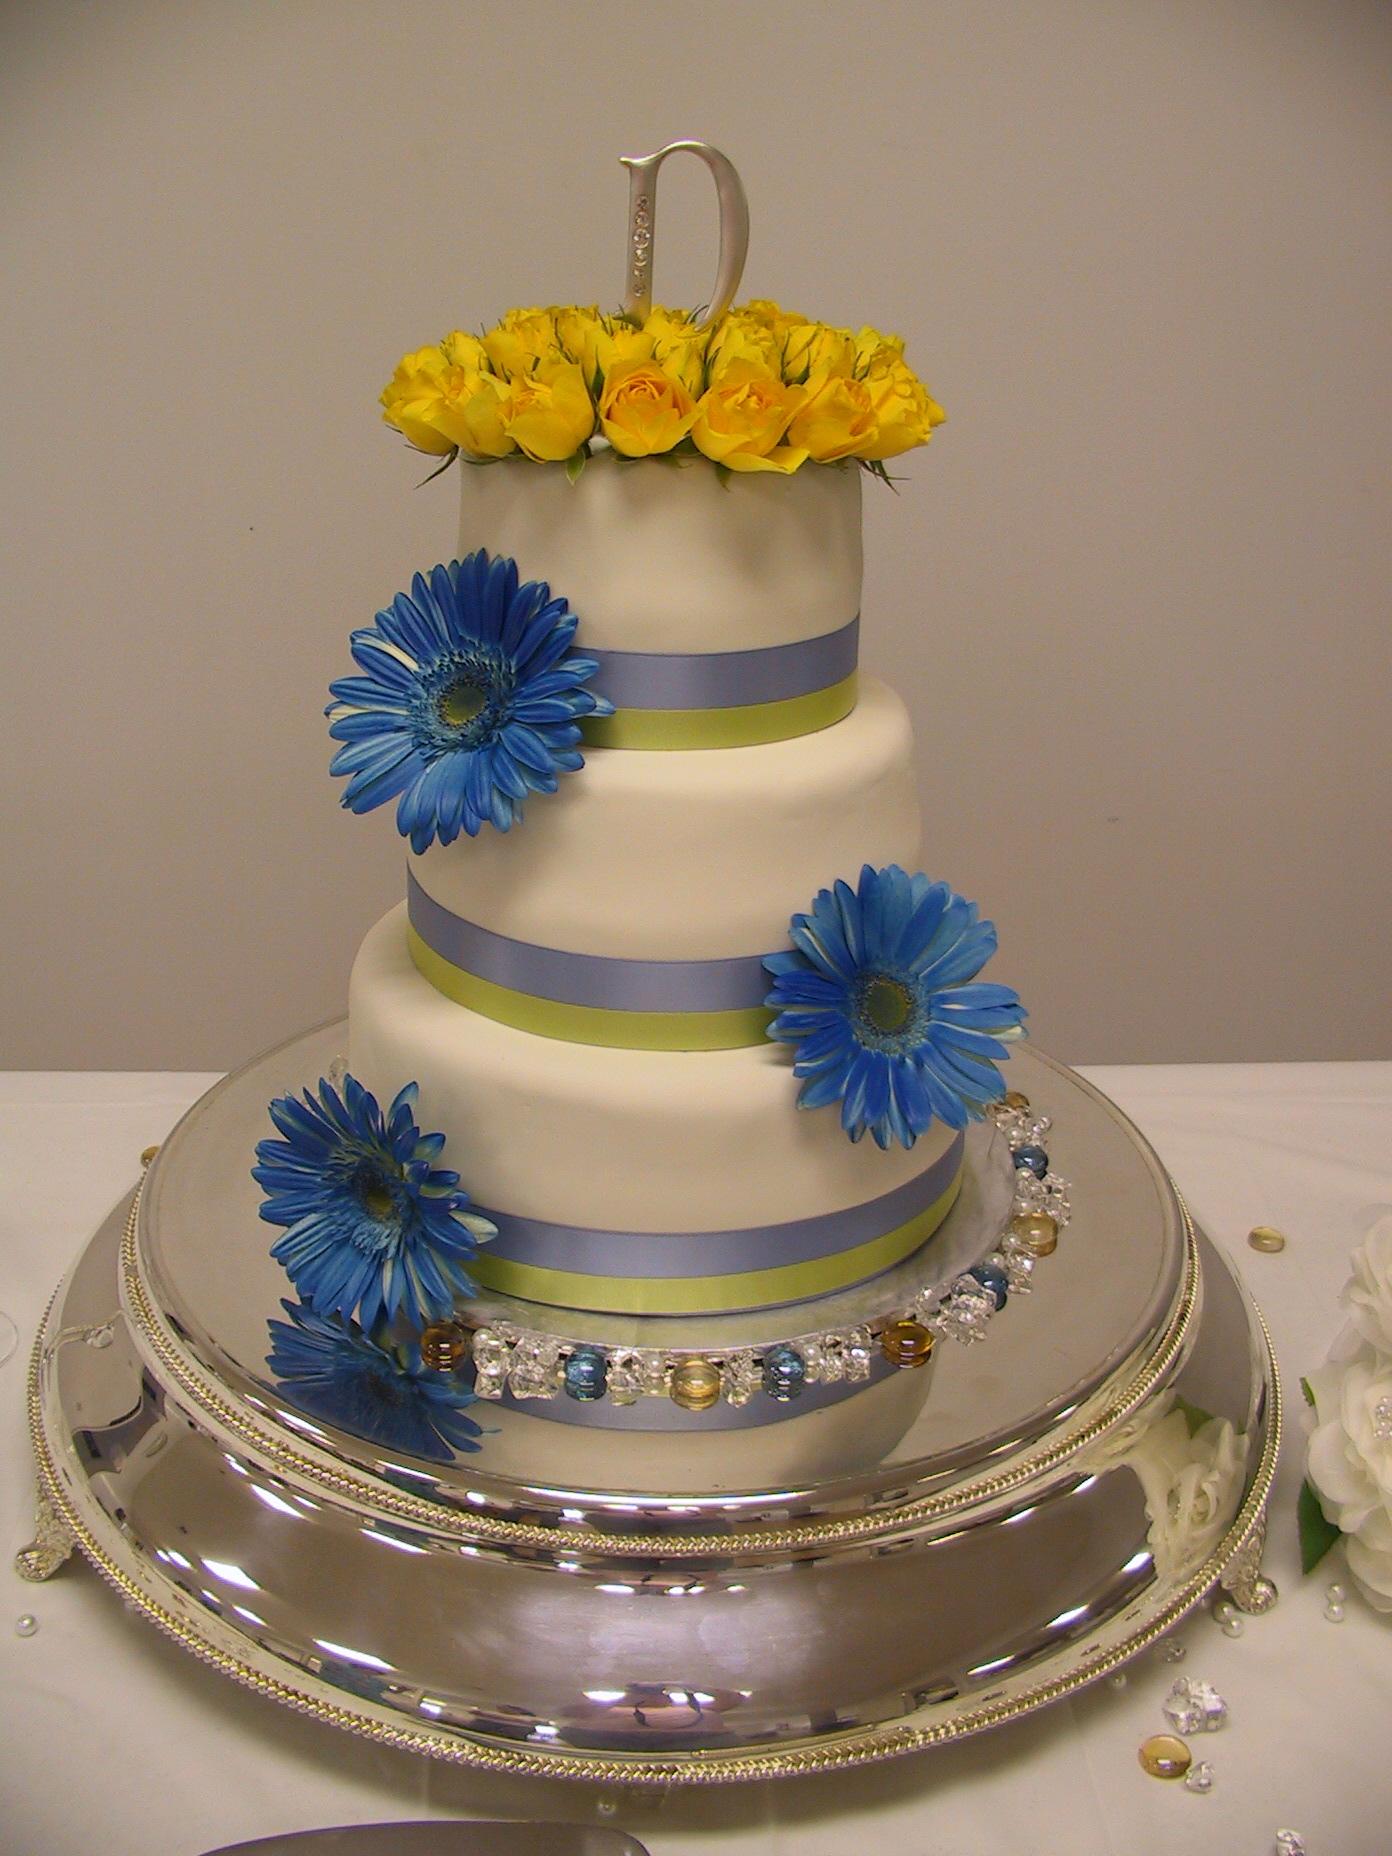 blue gerber daisy chruch